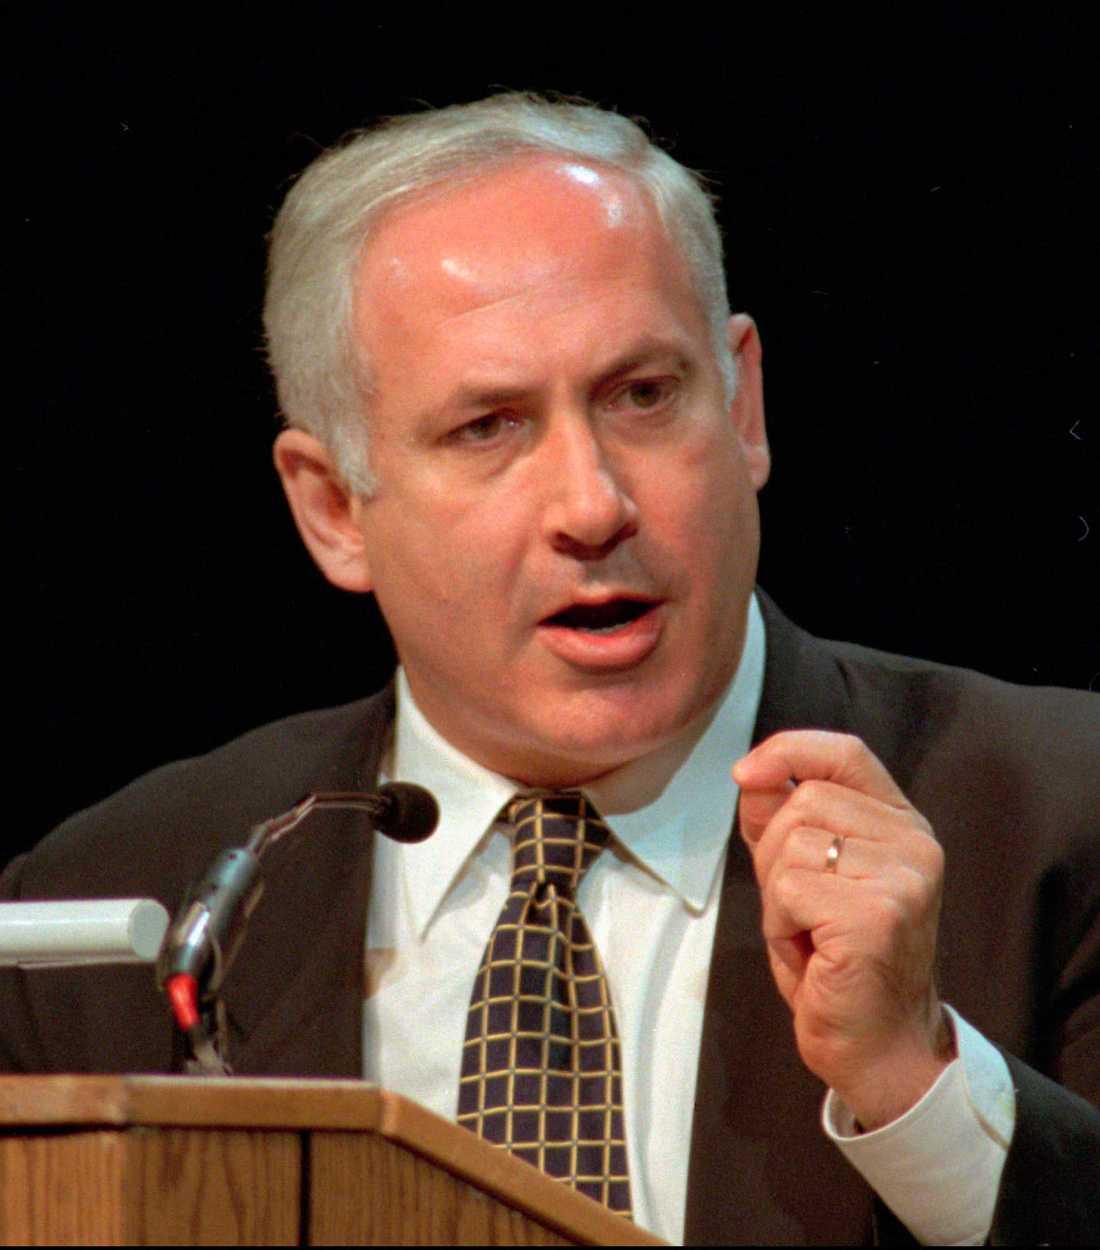 FÖRVÄNTAR SIG ATT USA GER SITT STÖD Israel och premiärminister Benjamin Netanyahu har fått skarp kritik efter bombningen av flera skolor i Gaza. Nu biter han ifrån – resultatet blev 225 miljoner i stöd från USA.